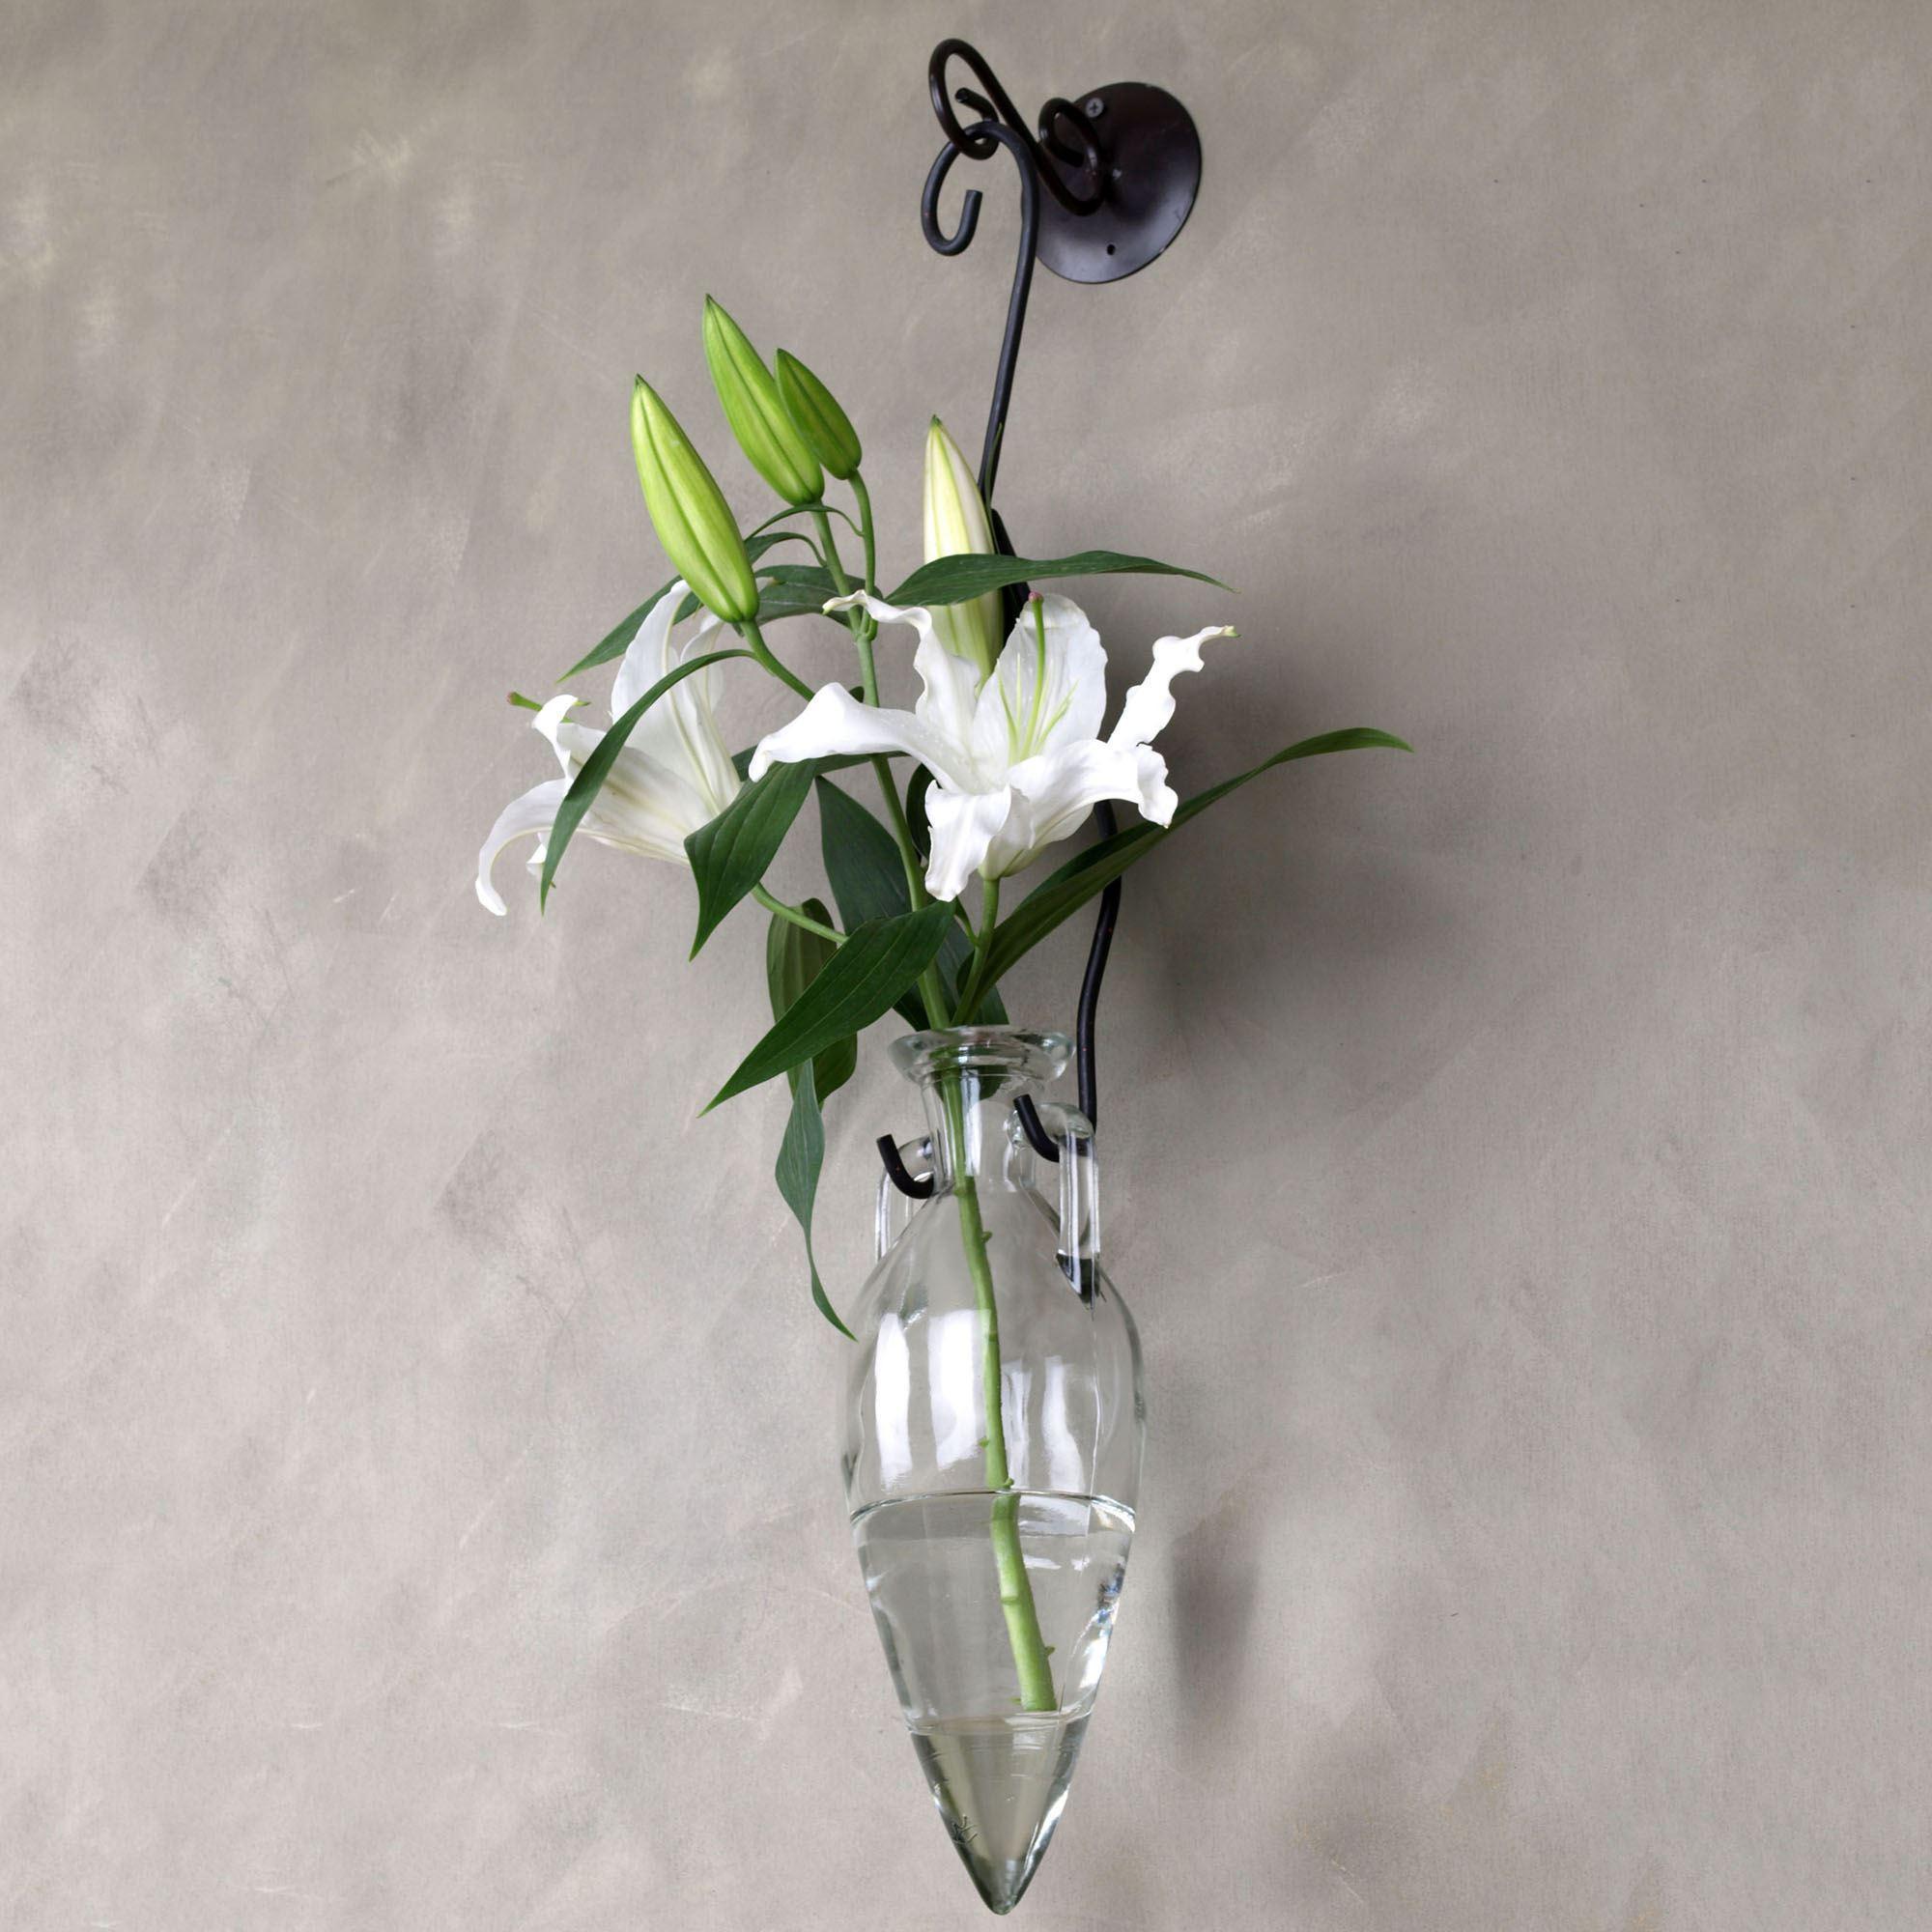 steel flower vase of metal floral wall decor elegant h vases wall hanging flower vase pertaining to metal floral wall decor elegant h vases wall hanging flower vase newspaper i 0d scheme wall